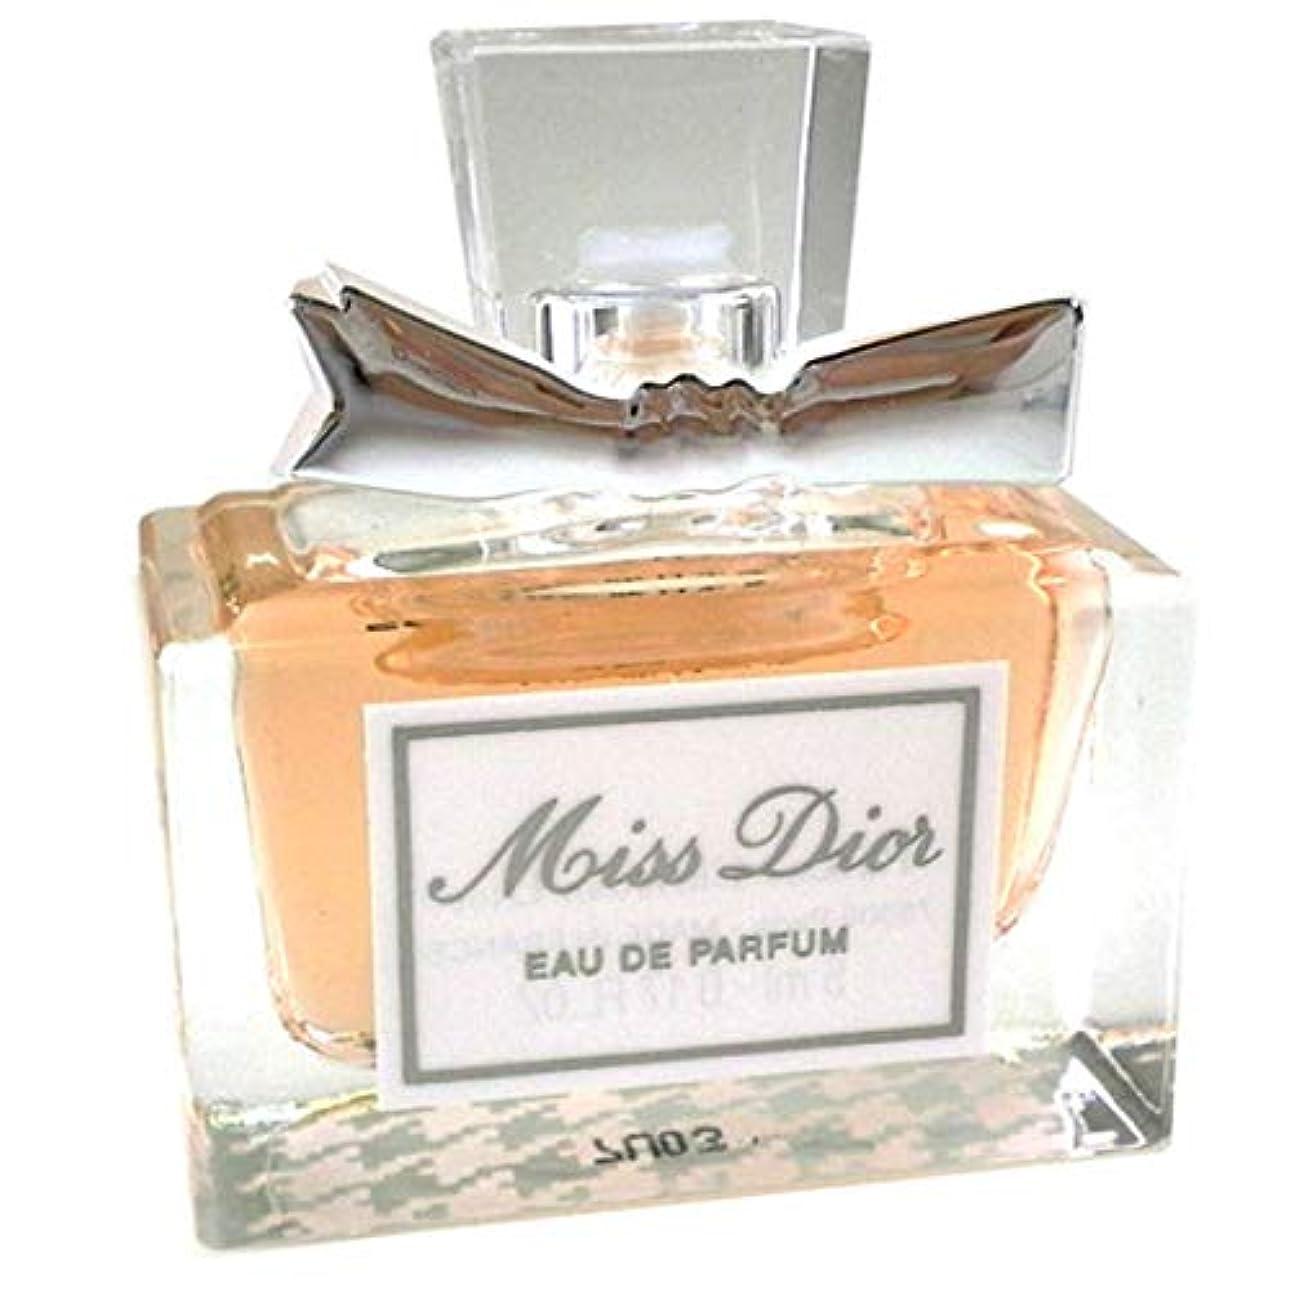 考案するフクロウいまDior ディオール 香水 ミス ディオール Miss Dior 5ml ブレスレット アンクレット アクセサリー ミニサイズ ミニコスメ トラベル 化粧 メイク コスメ ピンク 海外限定